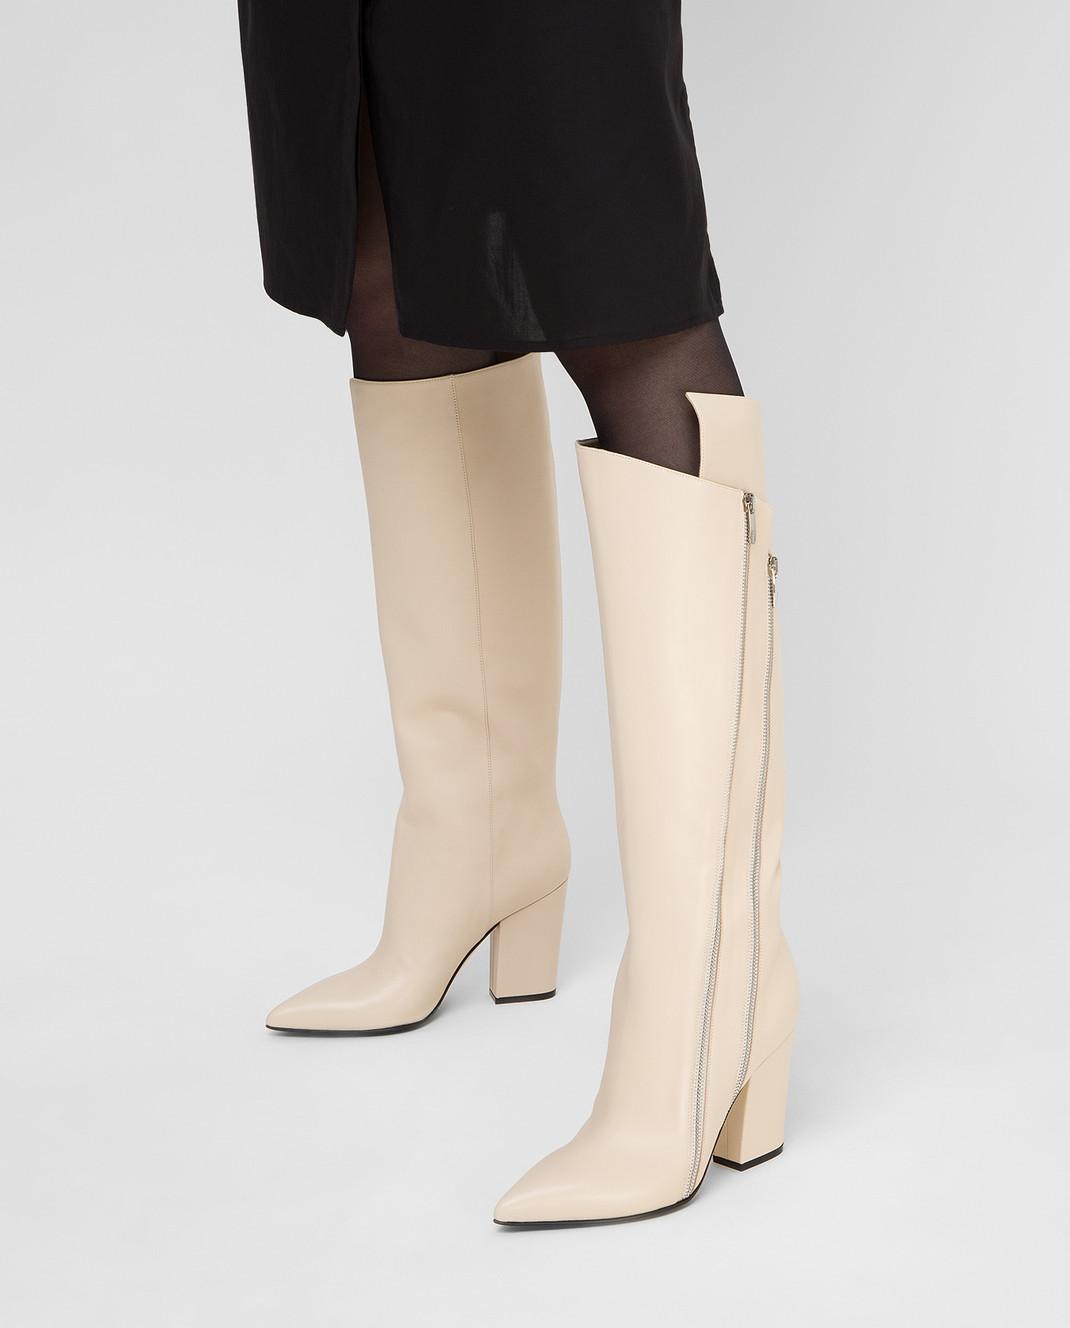 Sergio Rossi Светло-бежевые кожаные сапоги изображение 2